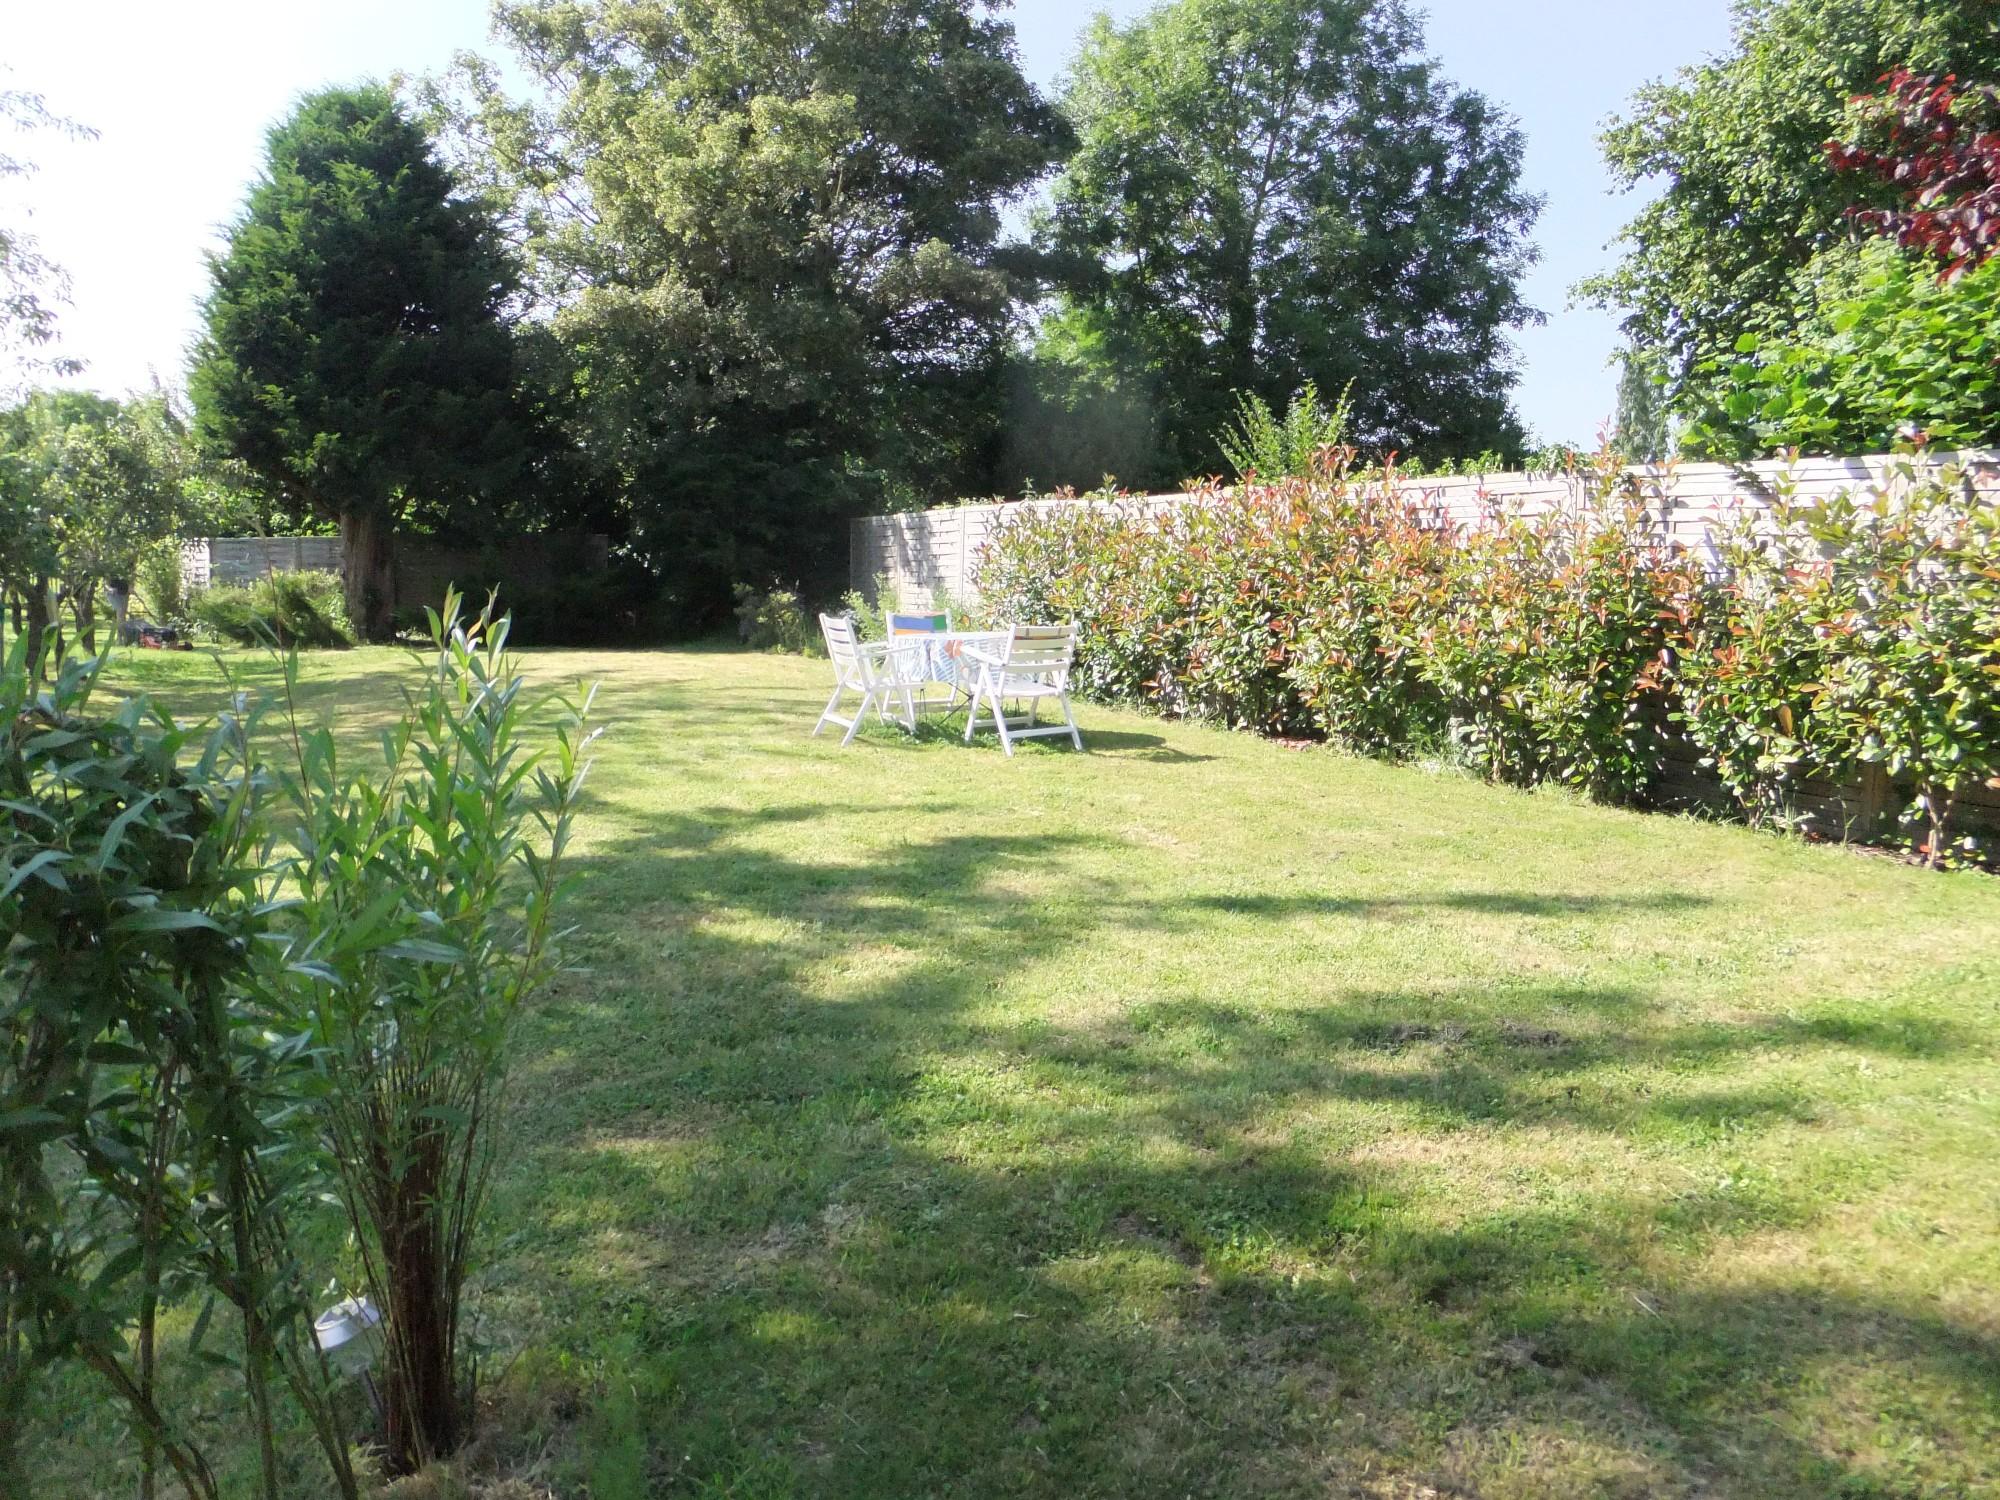 Maison de ville avec jardin mezidon canon terres et demeures de normandie - Maison de ville avec jardin ...